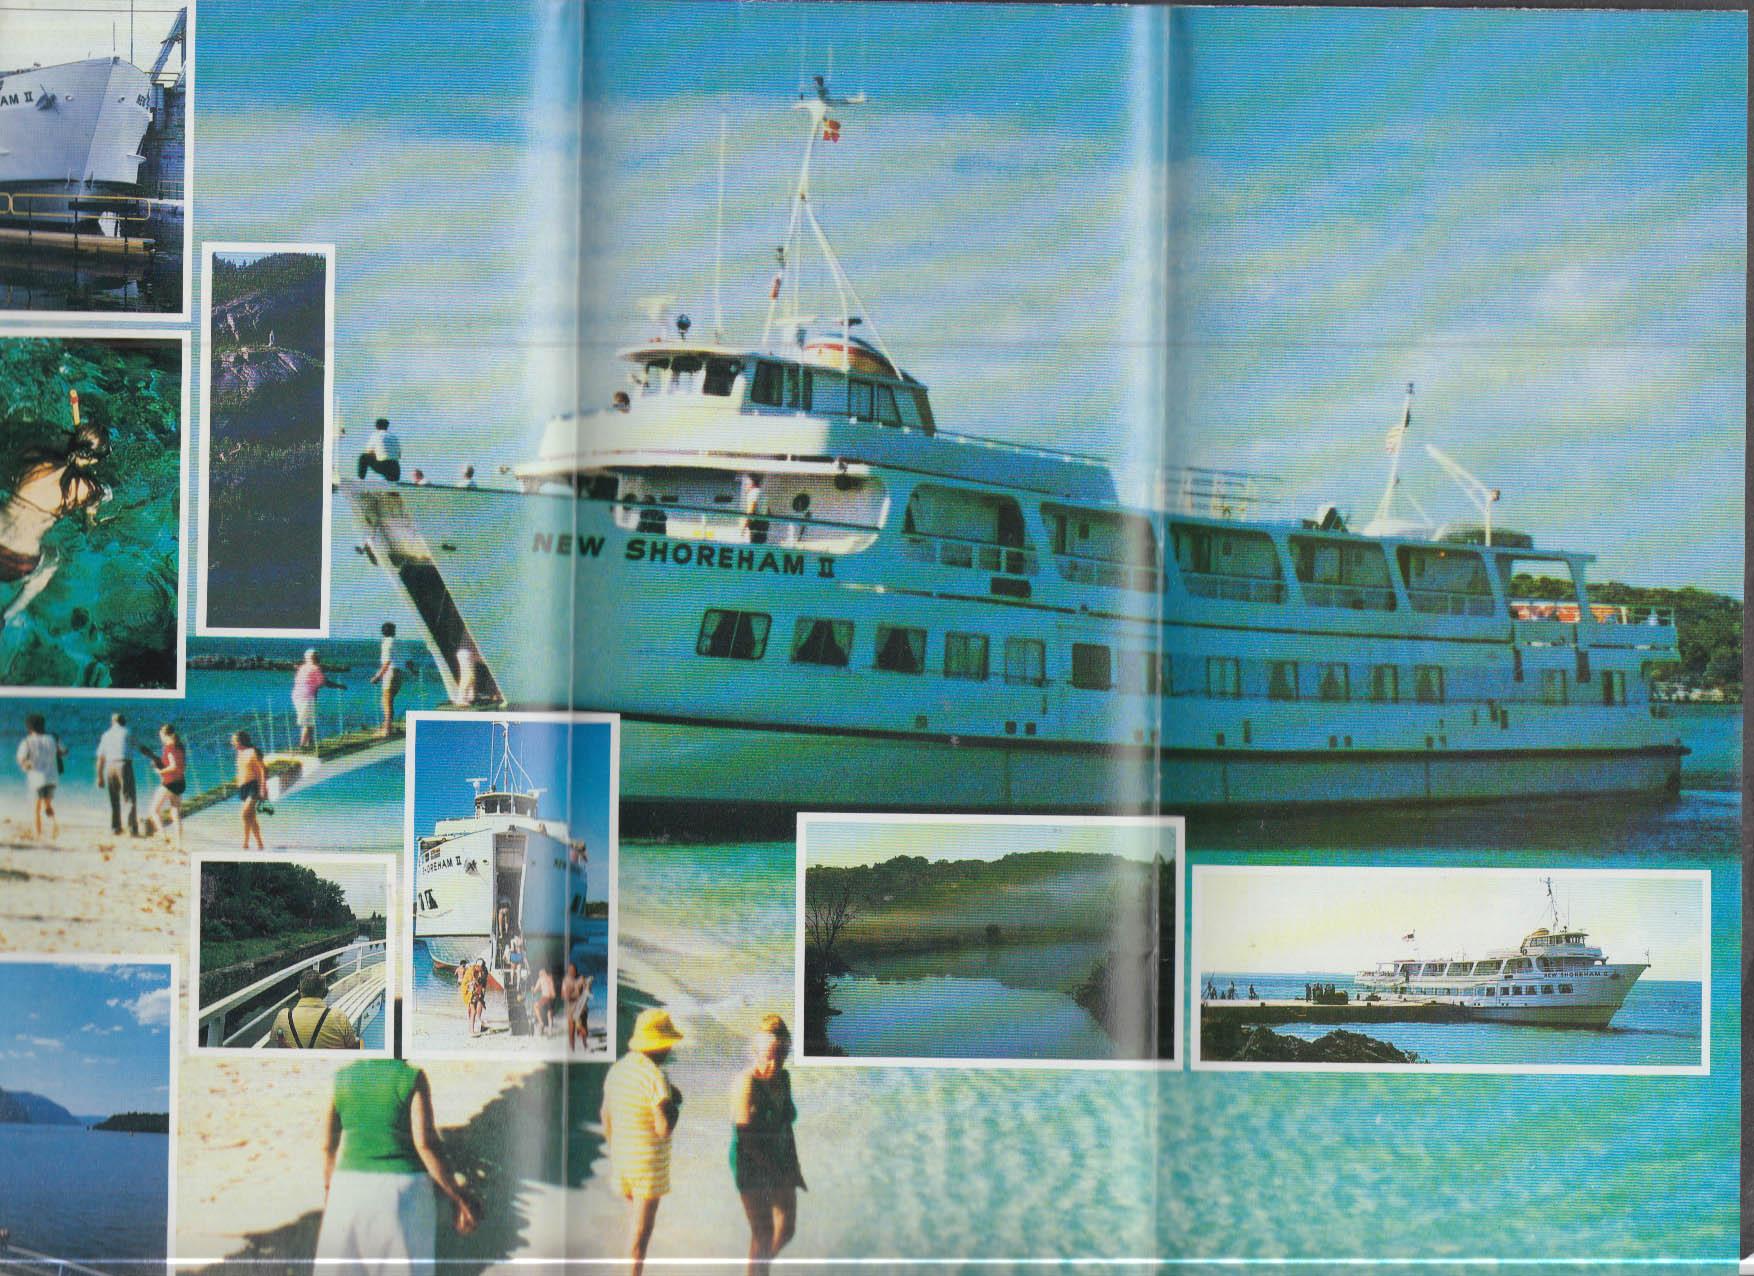 American Canadian Line M V New Shoreham II timetable folder 1983